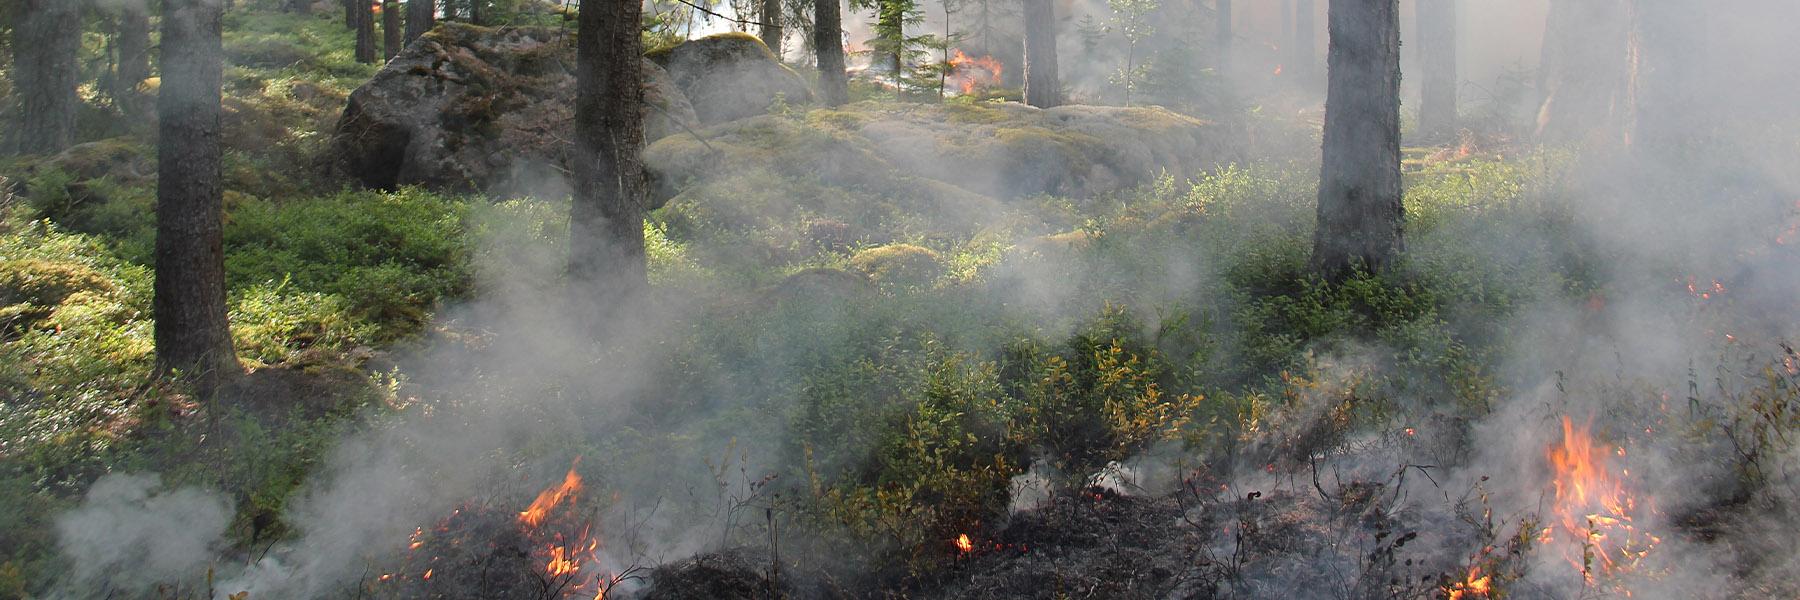 Systematiskt brandskyddsarbete